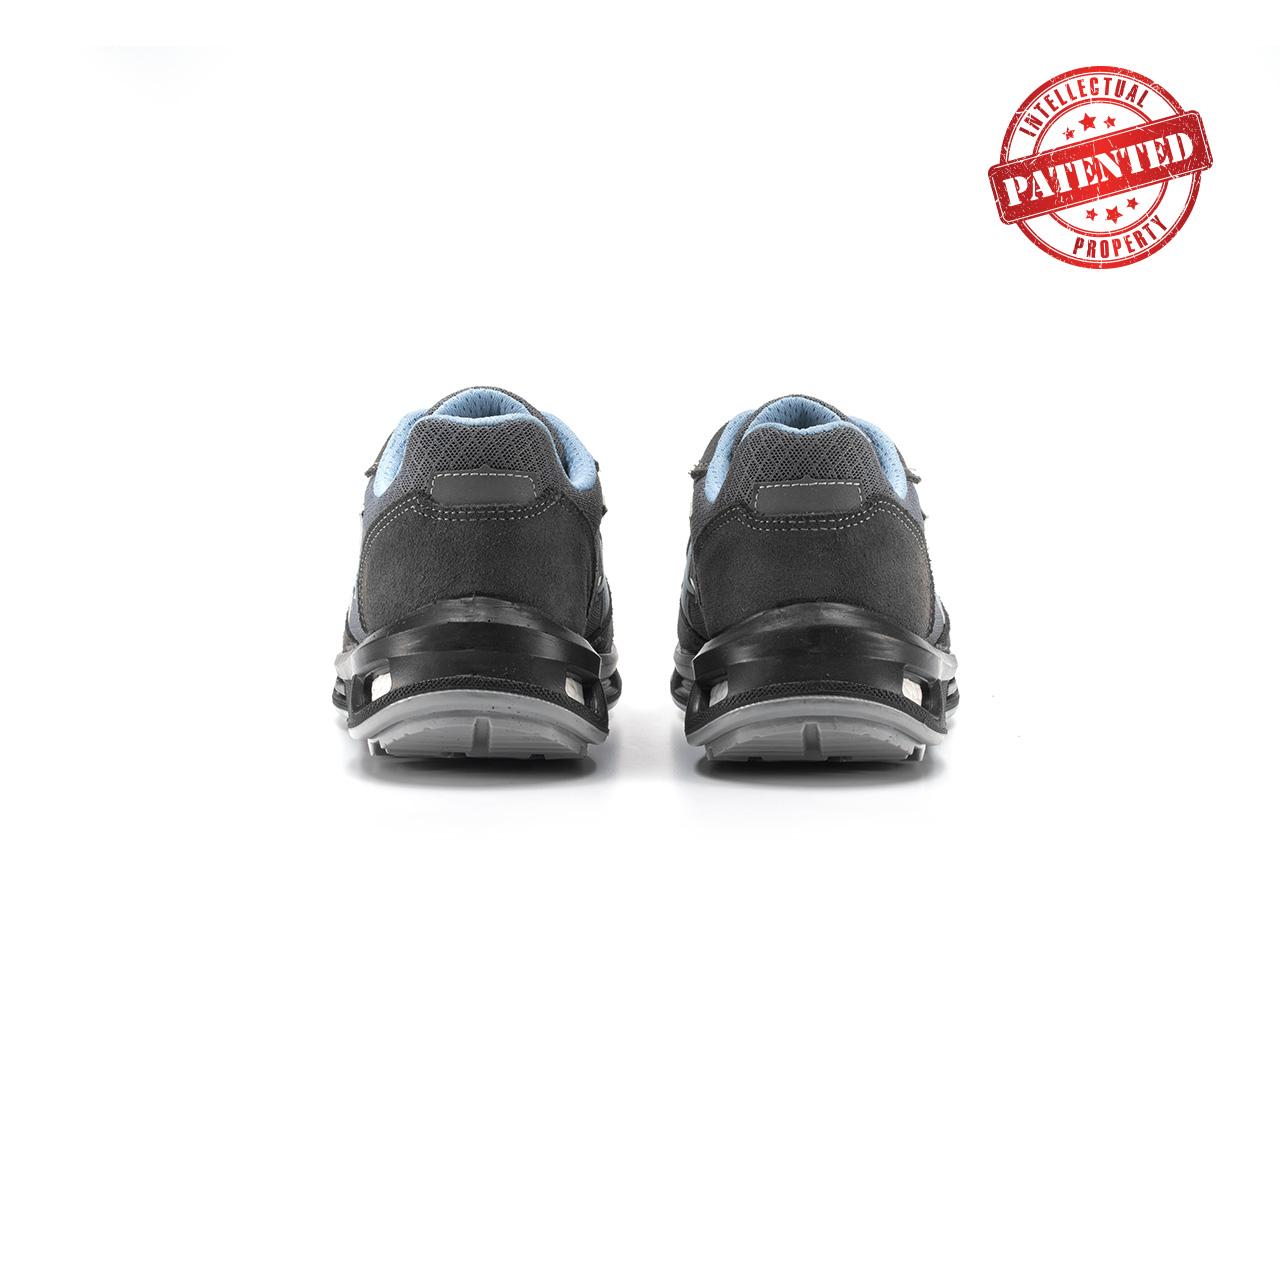 paio di scarpe antinfortunistiche upower modello lolly linea redlion vista retro